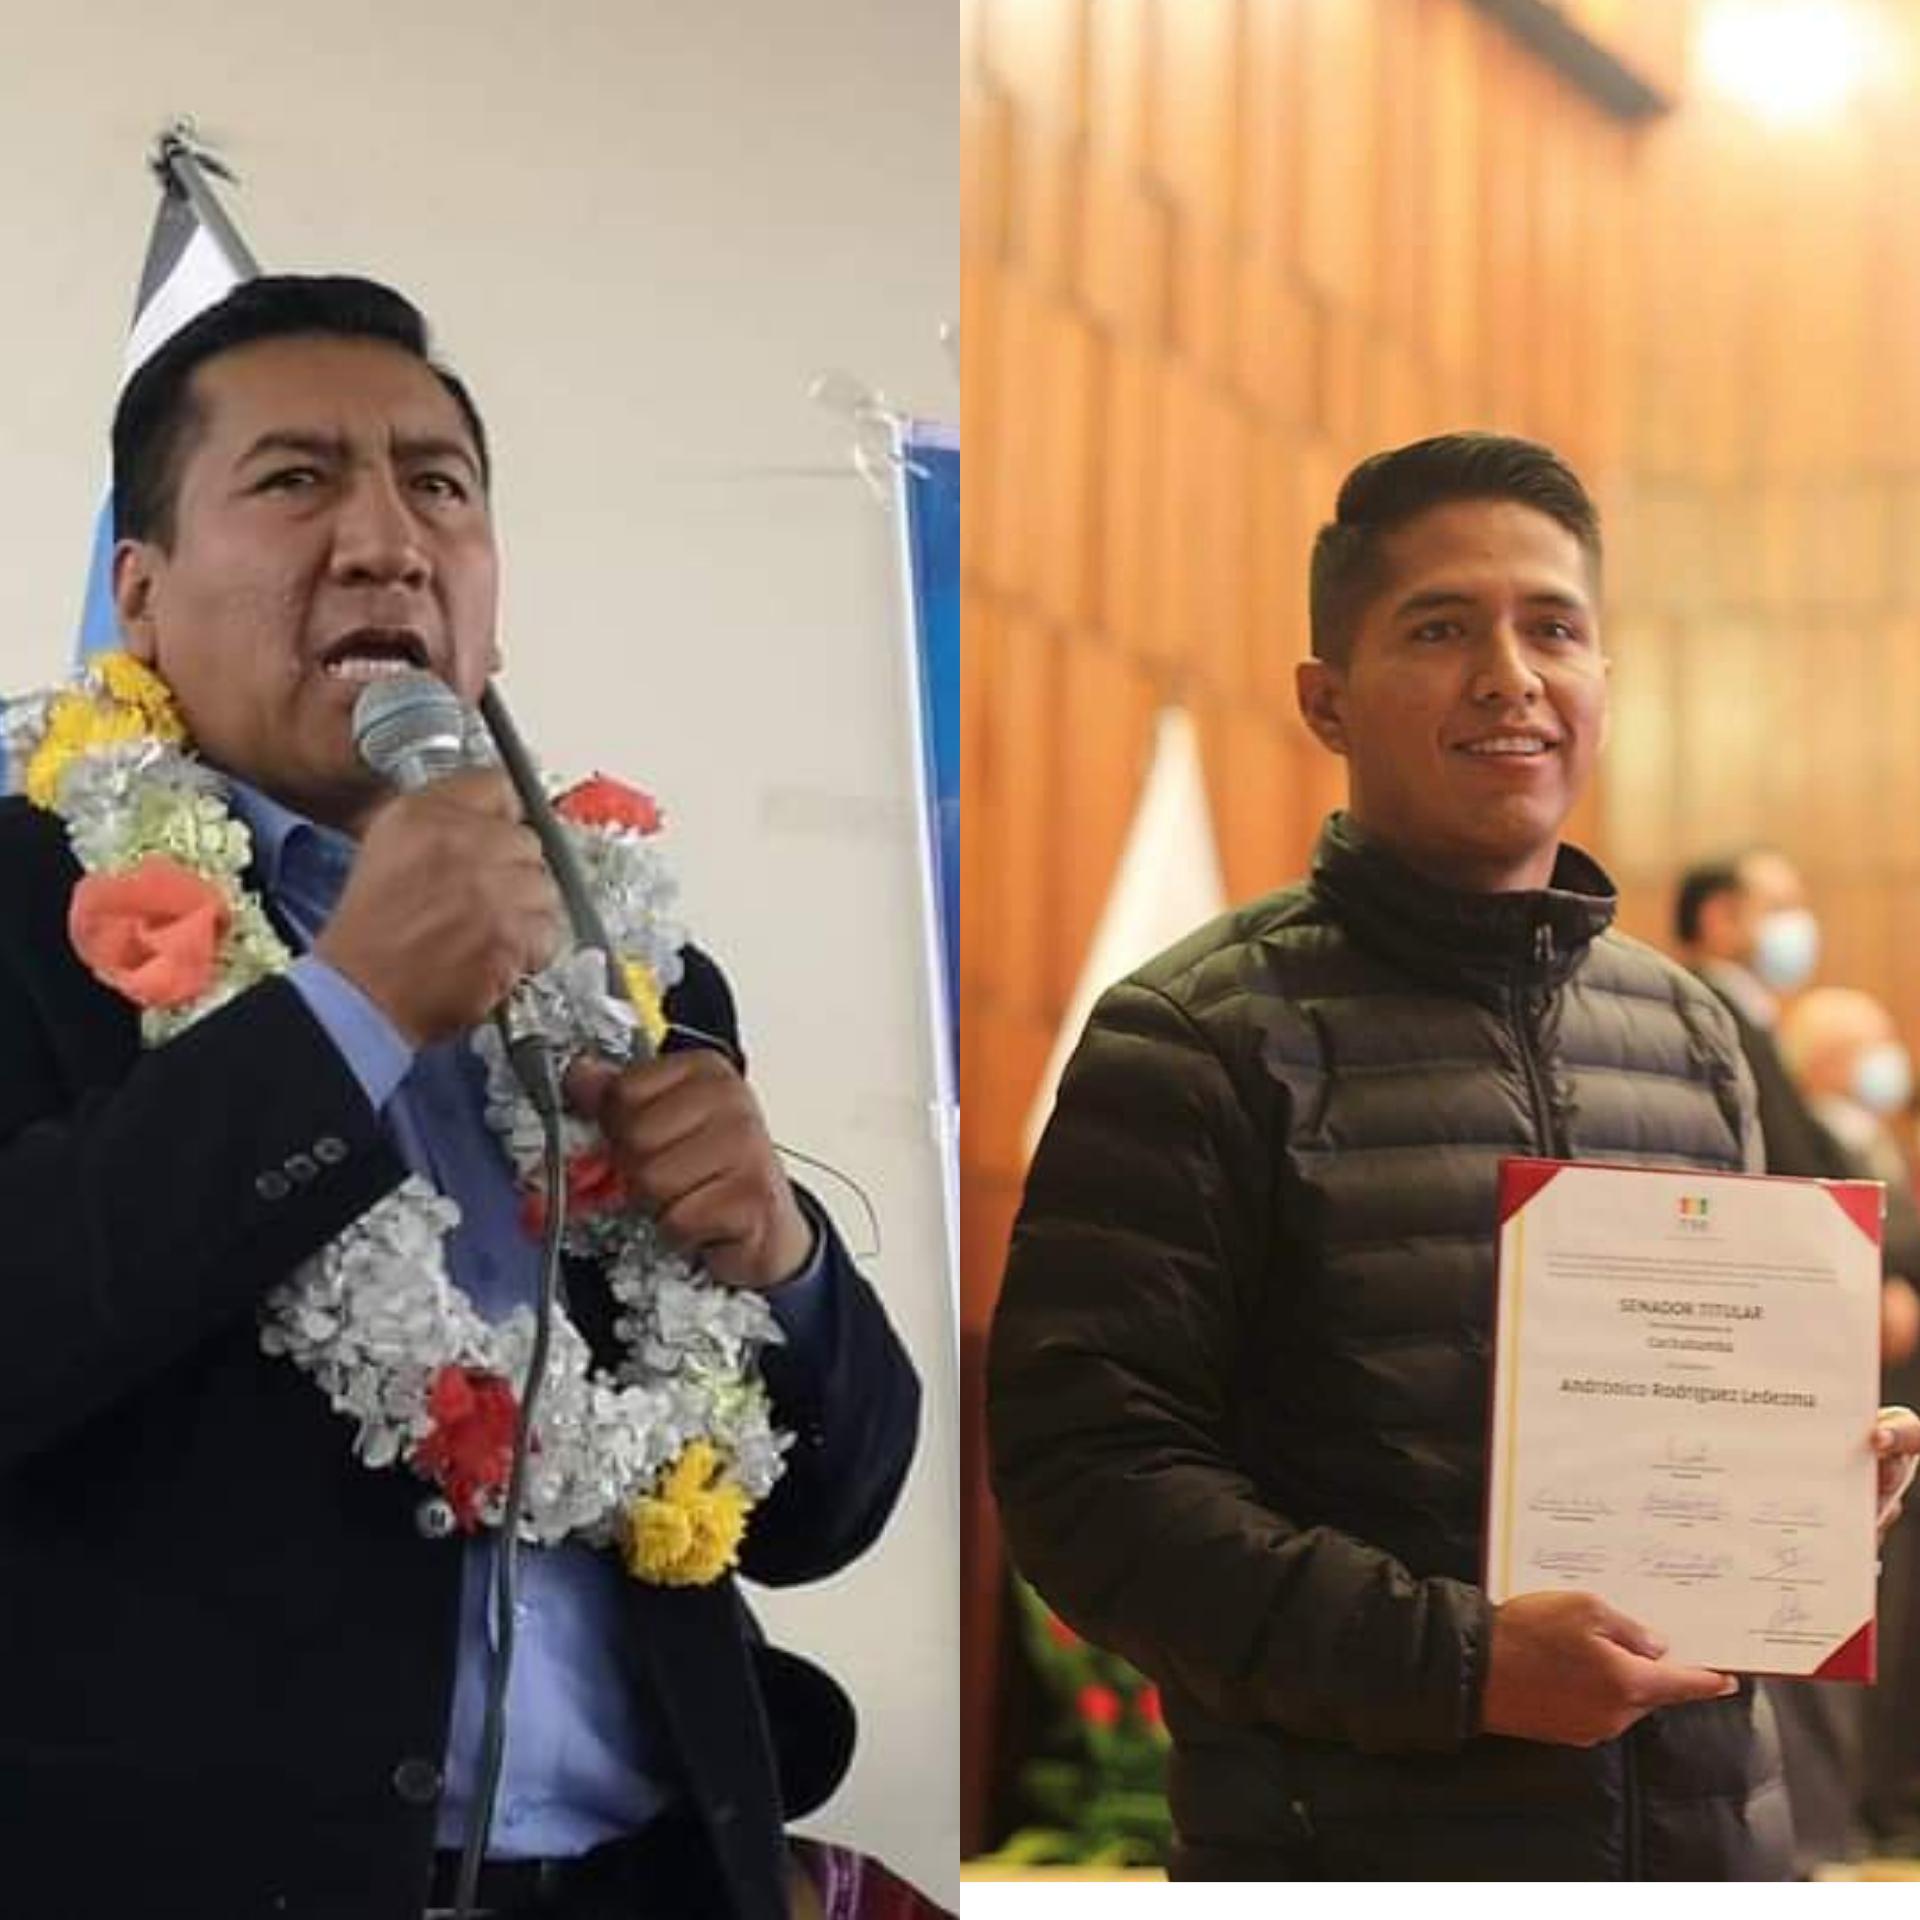 Andronico Rodriguez sera el próximo Presidente de la Cámara de Senadores y Freddy Mamani de la Cámara Baja